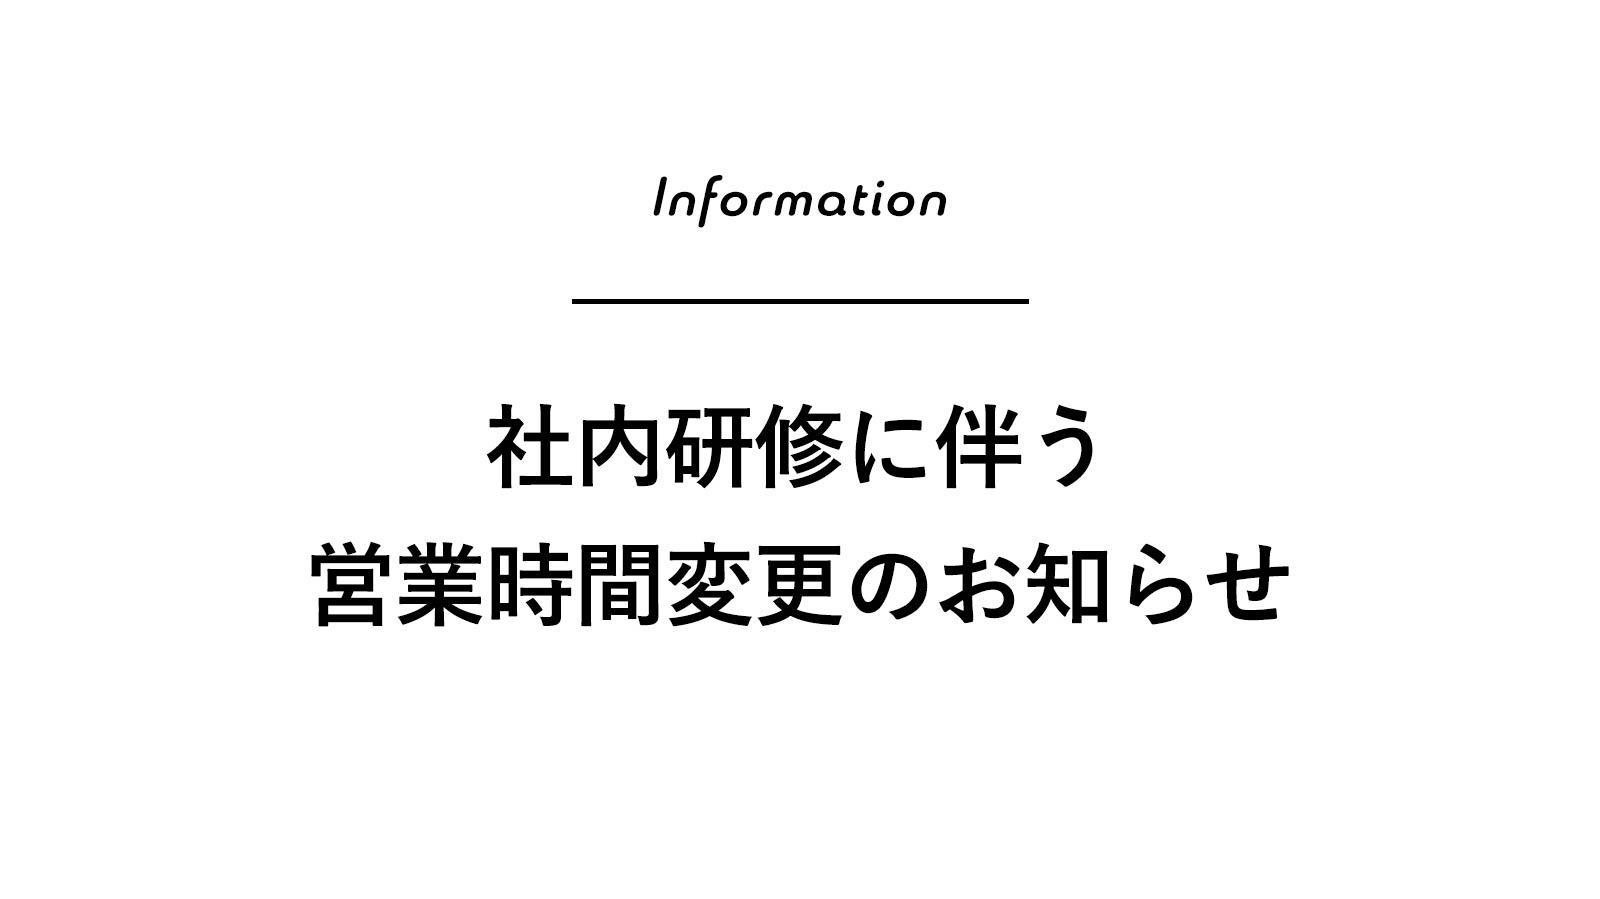 2021年3月19日(金)社内研修に伴う営業時間変更のお知らせ